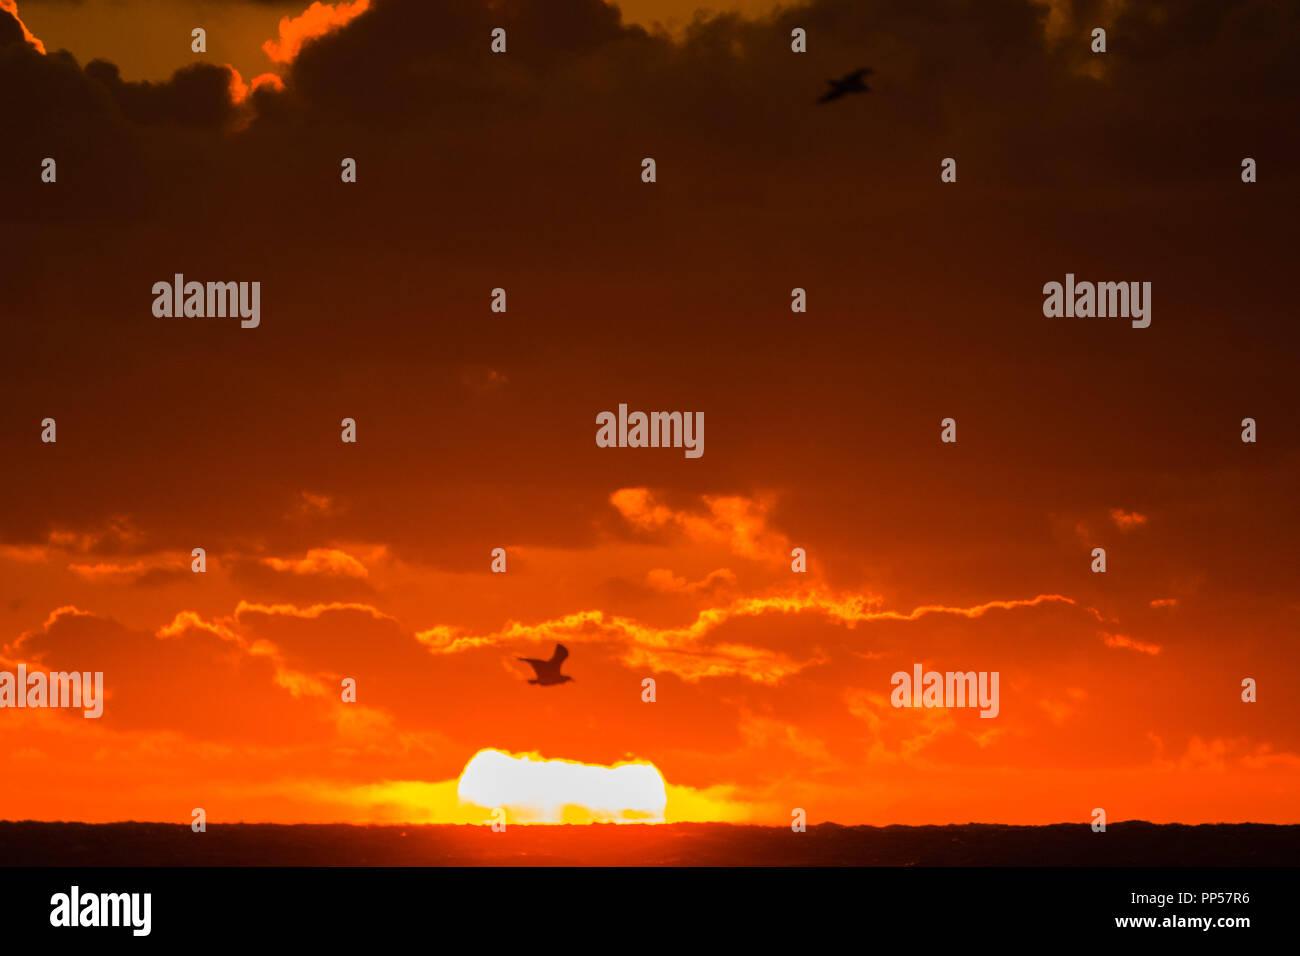 qui est GG de Shahs de coucher de soleil datant